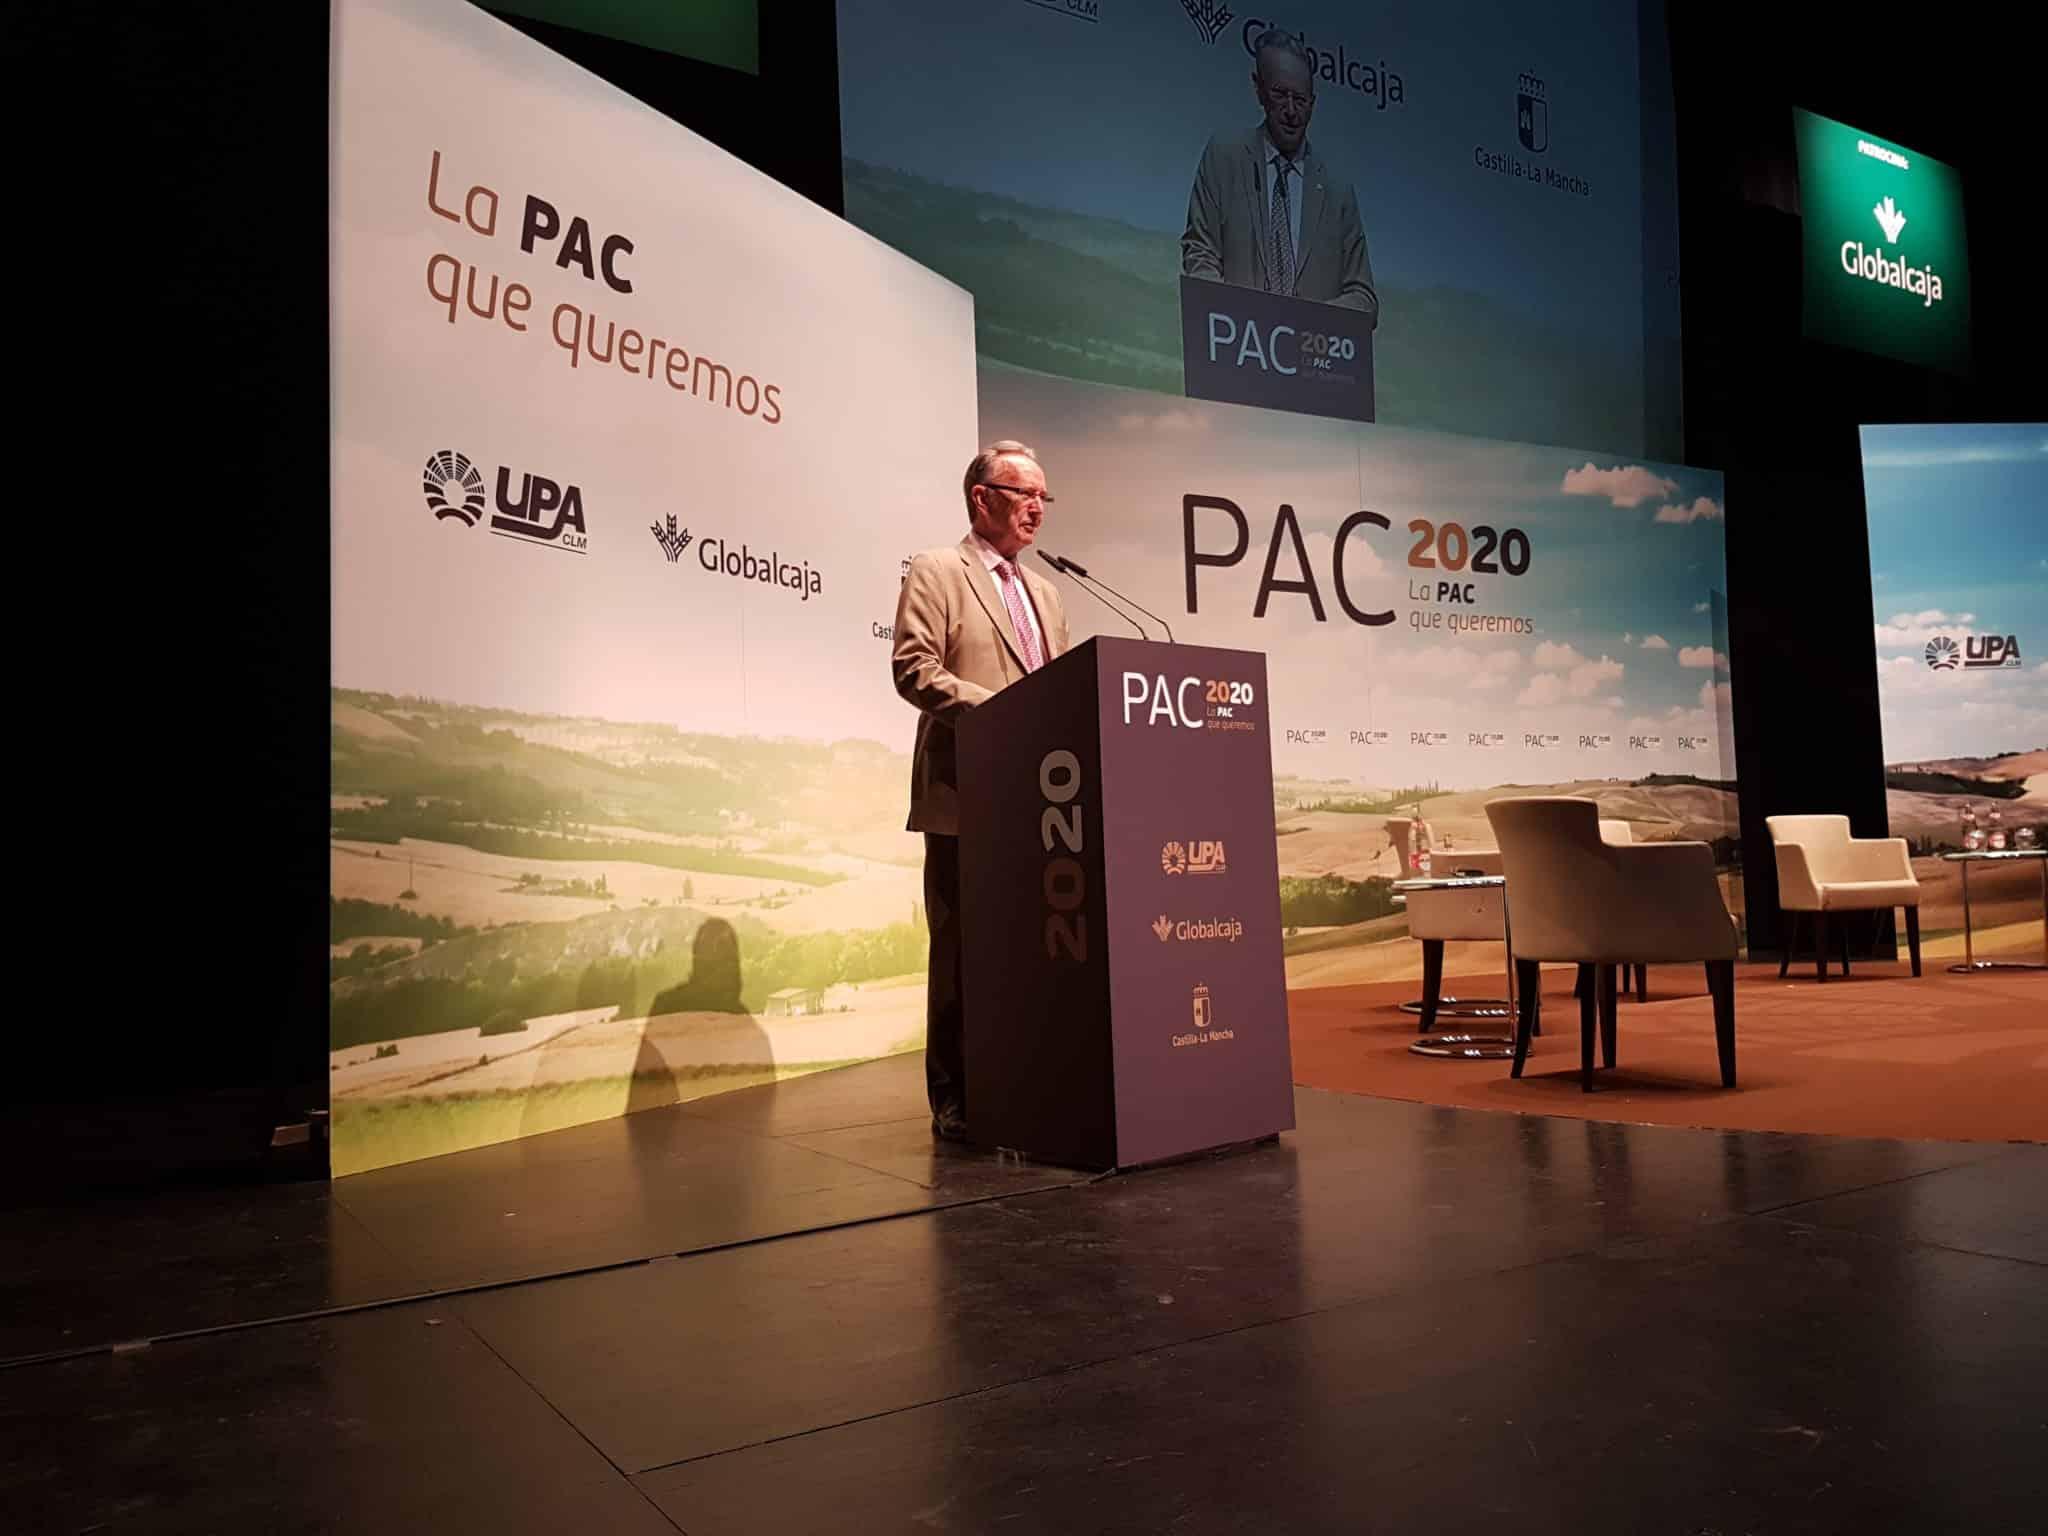 """El presidente de Globalcaja, Carlos de la Sierra, ha intervenido en la inauguración de las Jornadas """"PAC 2020"""